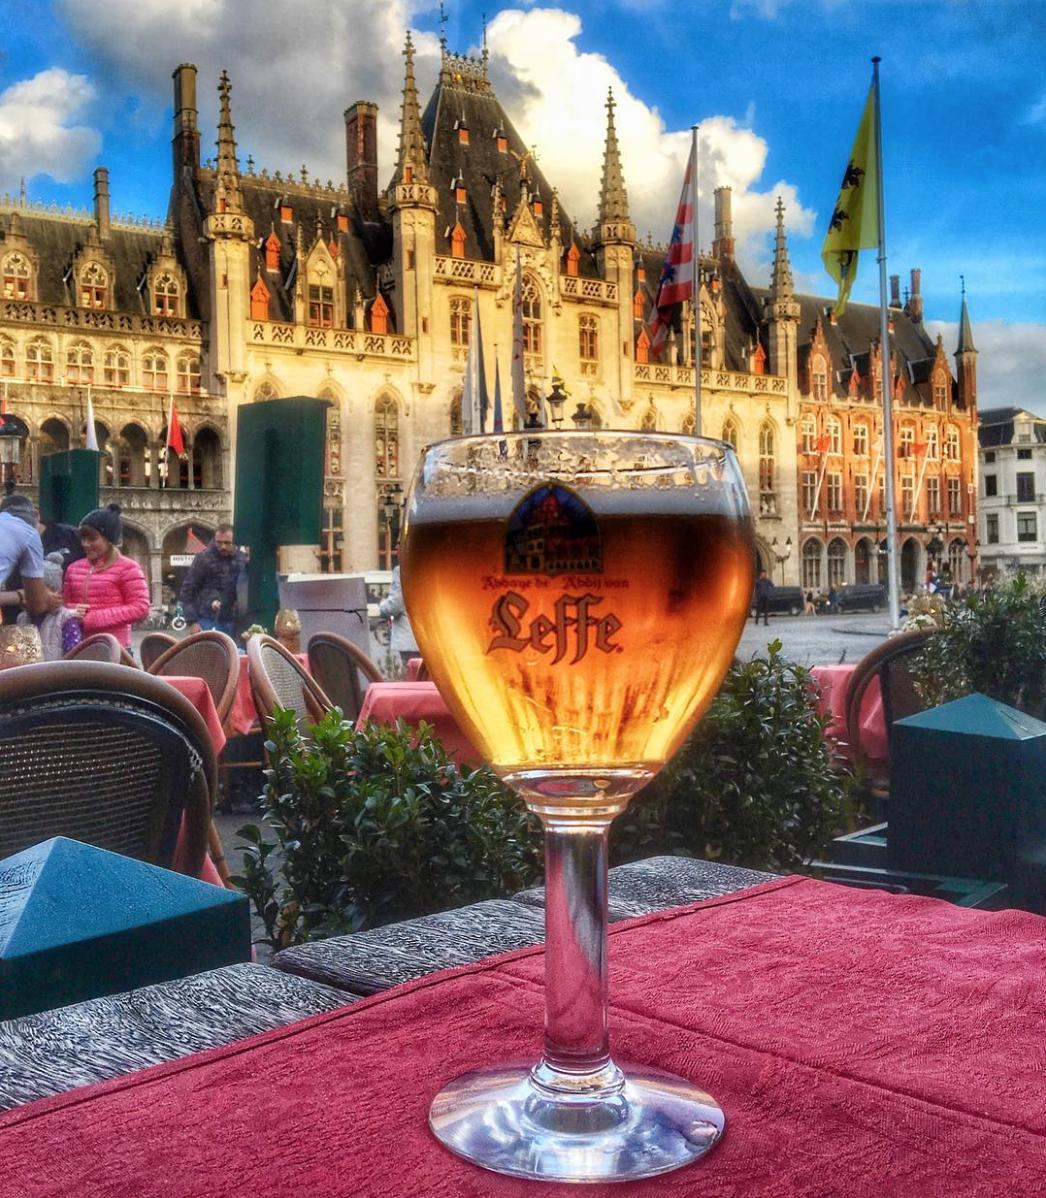 Beer Experiences in Europe